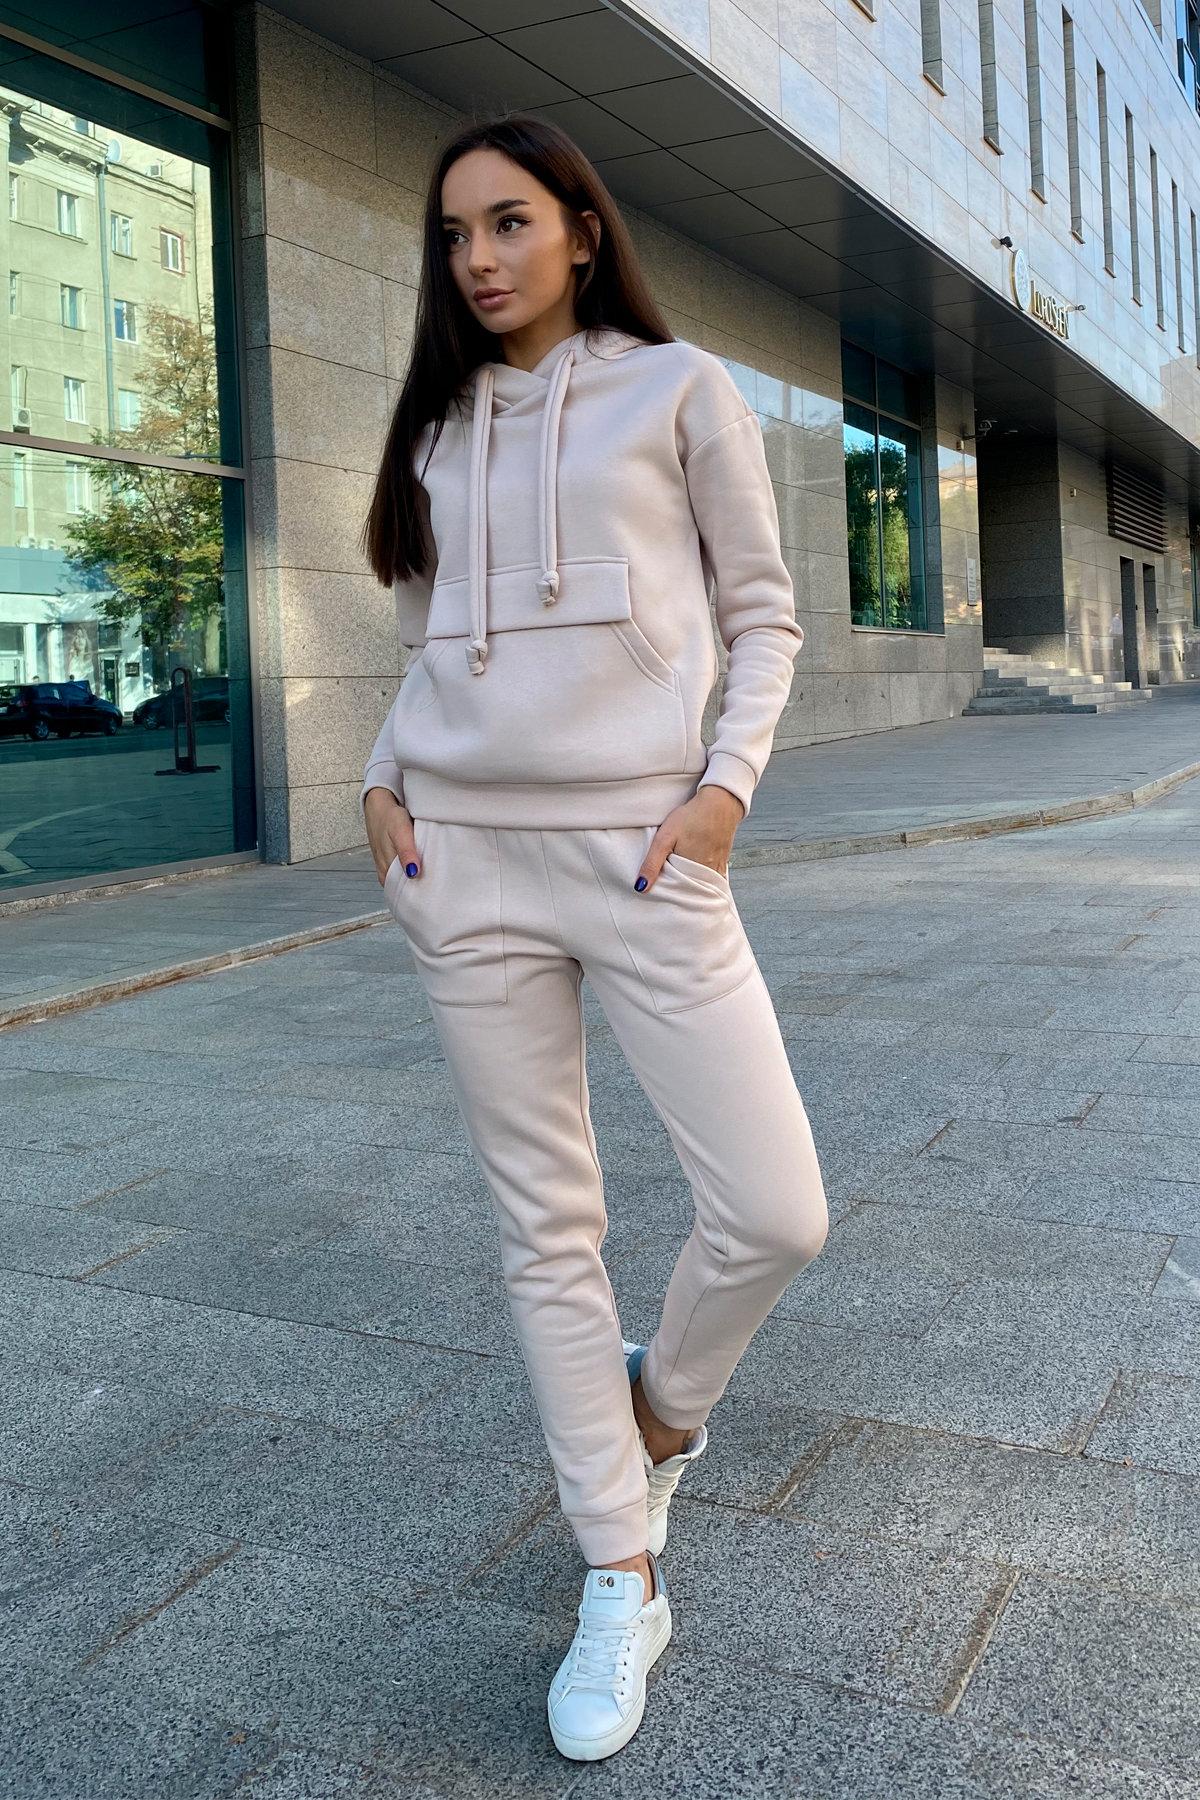 Женская одежда от производителя Modus Костюм Бруклин 9663